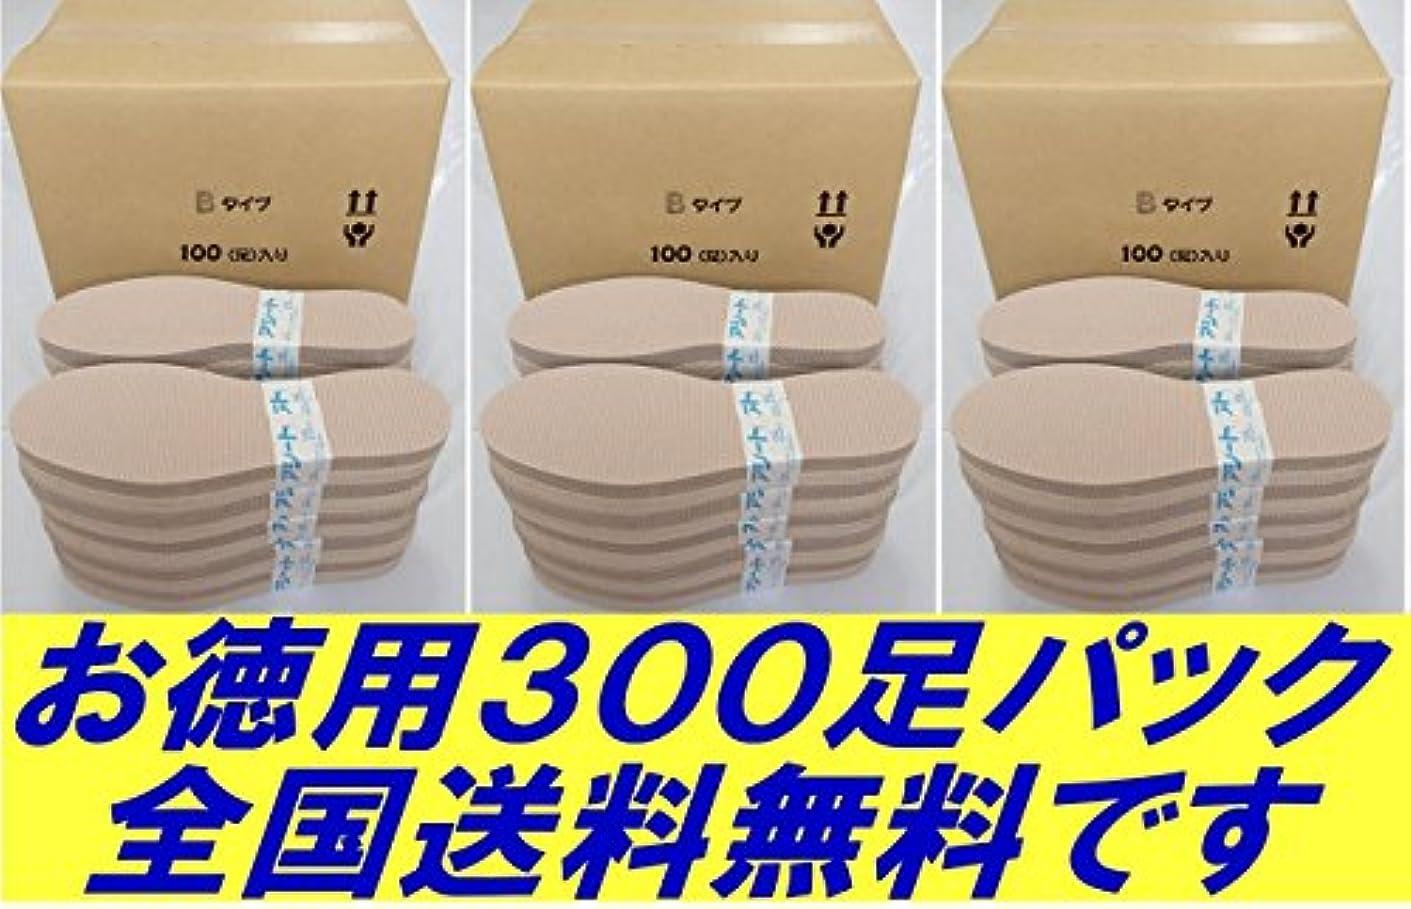 侵略火炎実験的アシートBタイプお徳用パック300足入り (26.5~27.0cm)